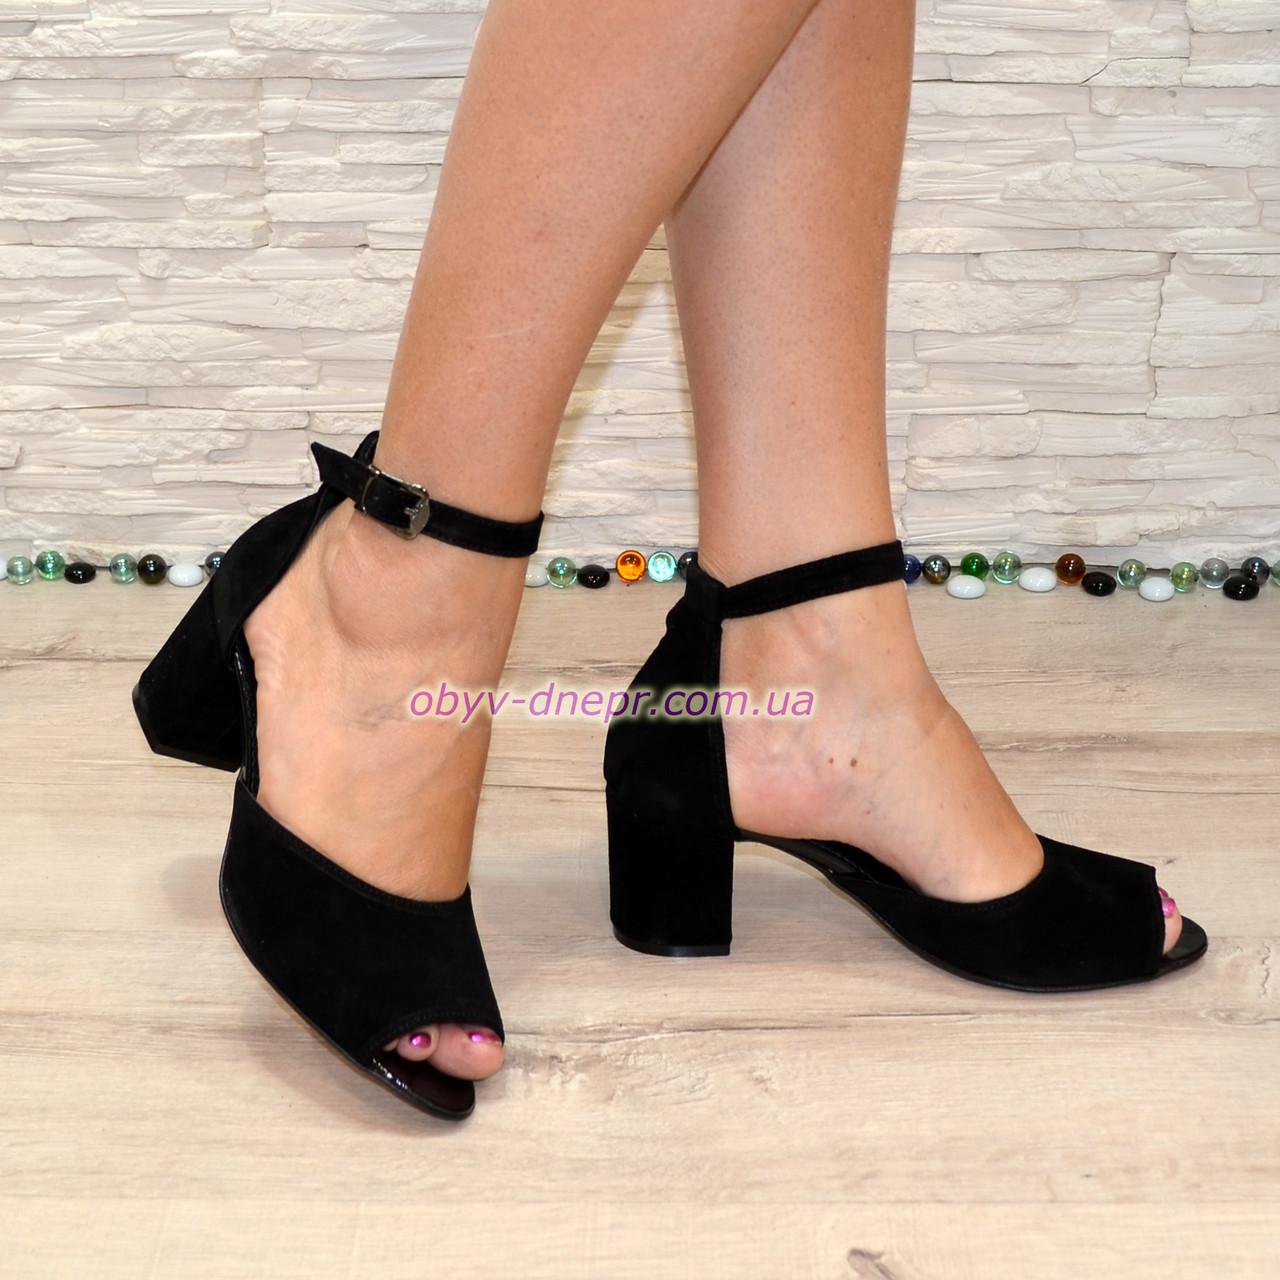 Босоножки женские замшевые на невысоком каблуке, цвет черный